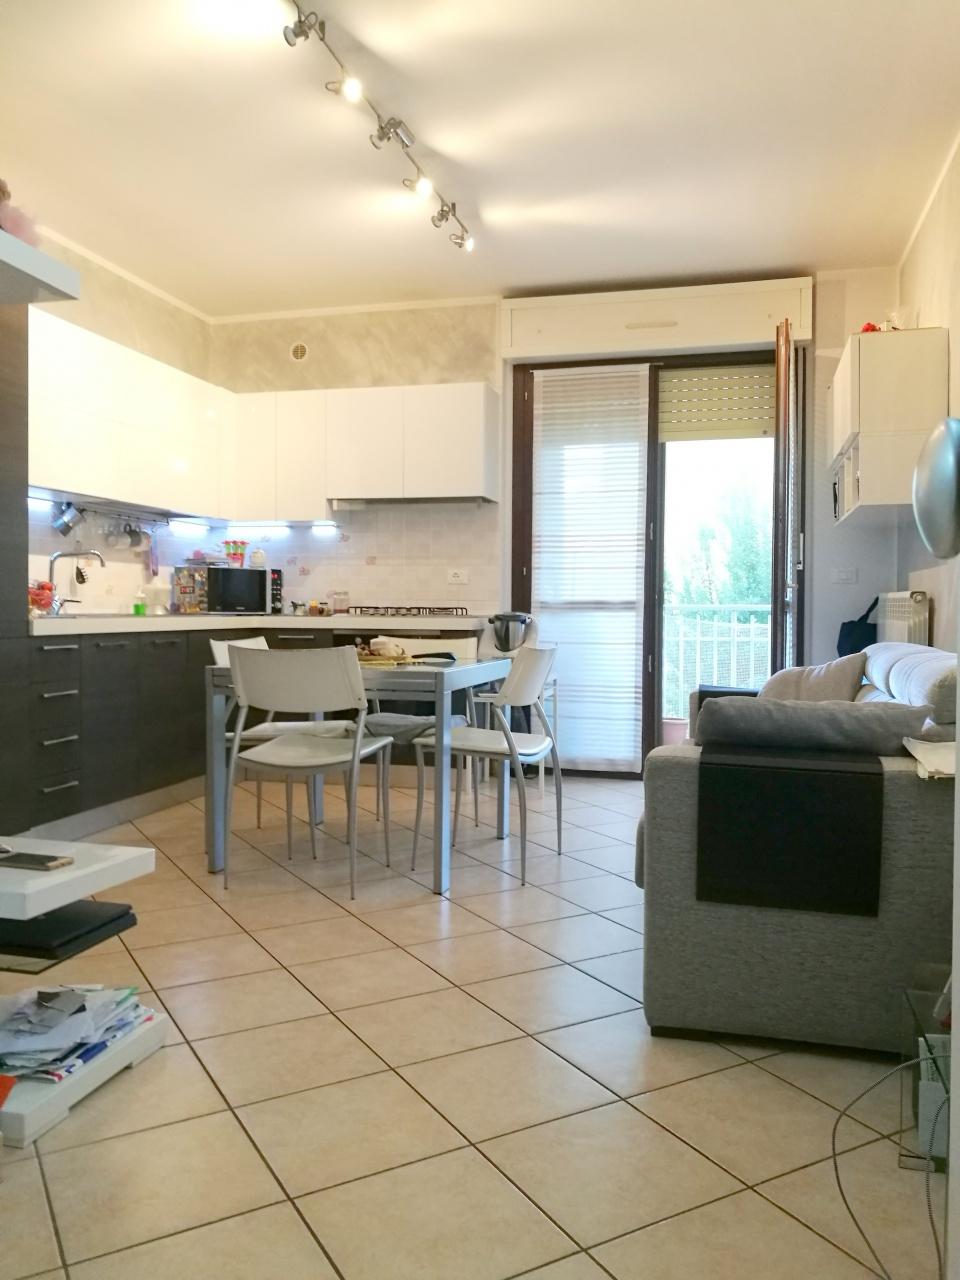 Appartamento in vendita a Chivasso, 3 locali, prezzo € 95.000   CambioCasa.it